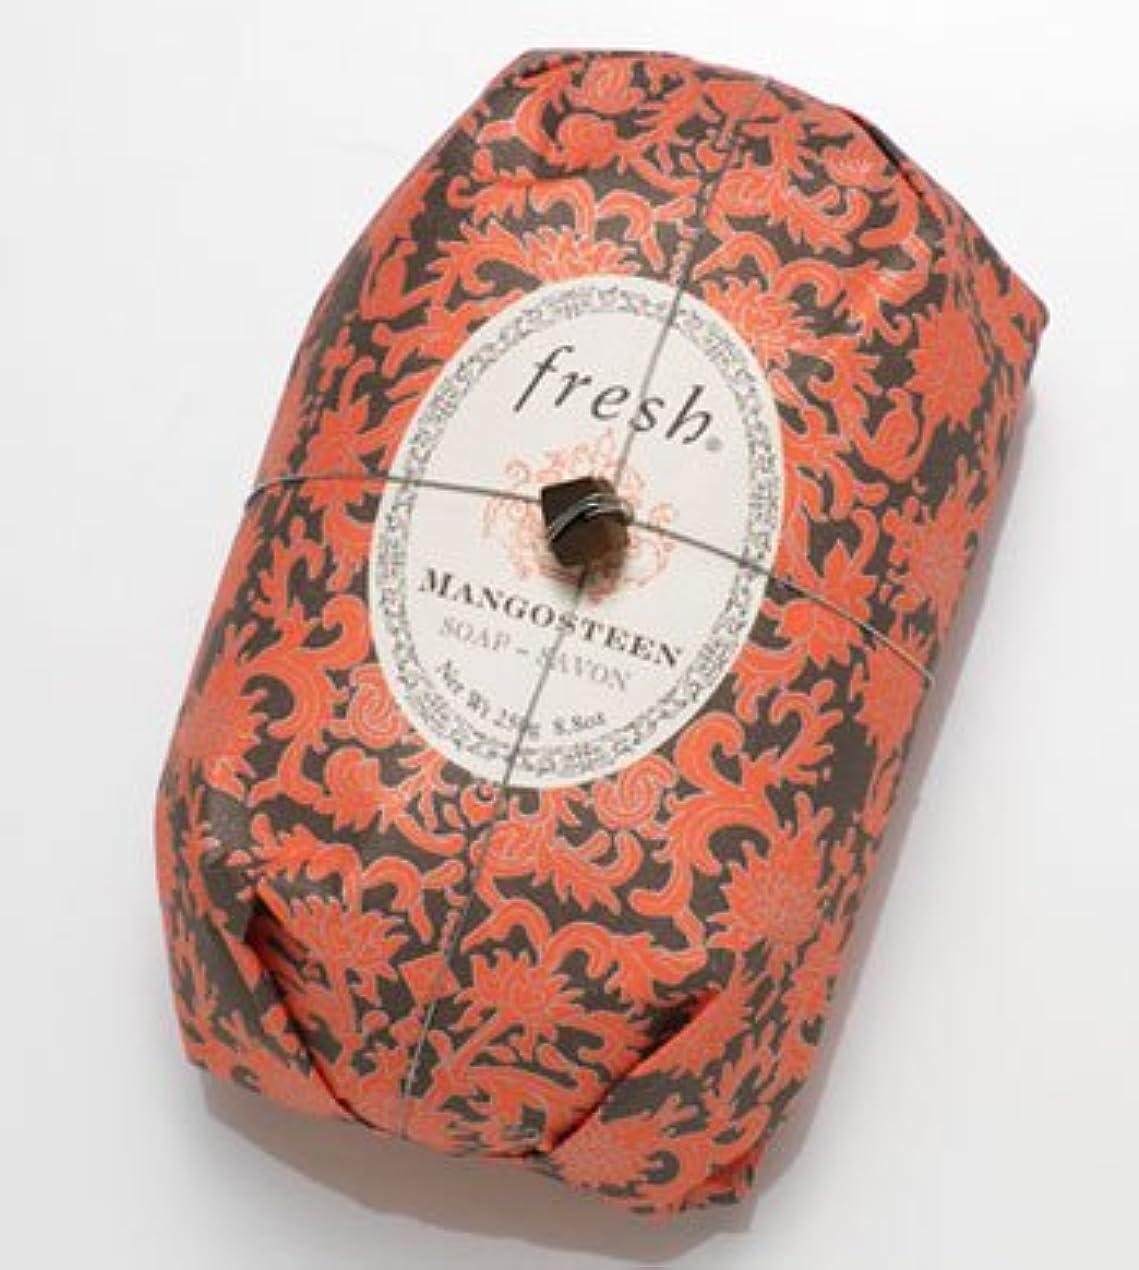 マサッチョ奨学金偶然のFresh MANGOSTEEN SOAP (フレッシュ マンゴスチーン ソープ) 8.8 oz (250g) Soap (石鹸) by Fresh